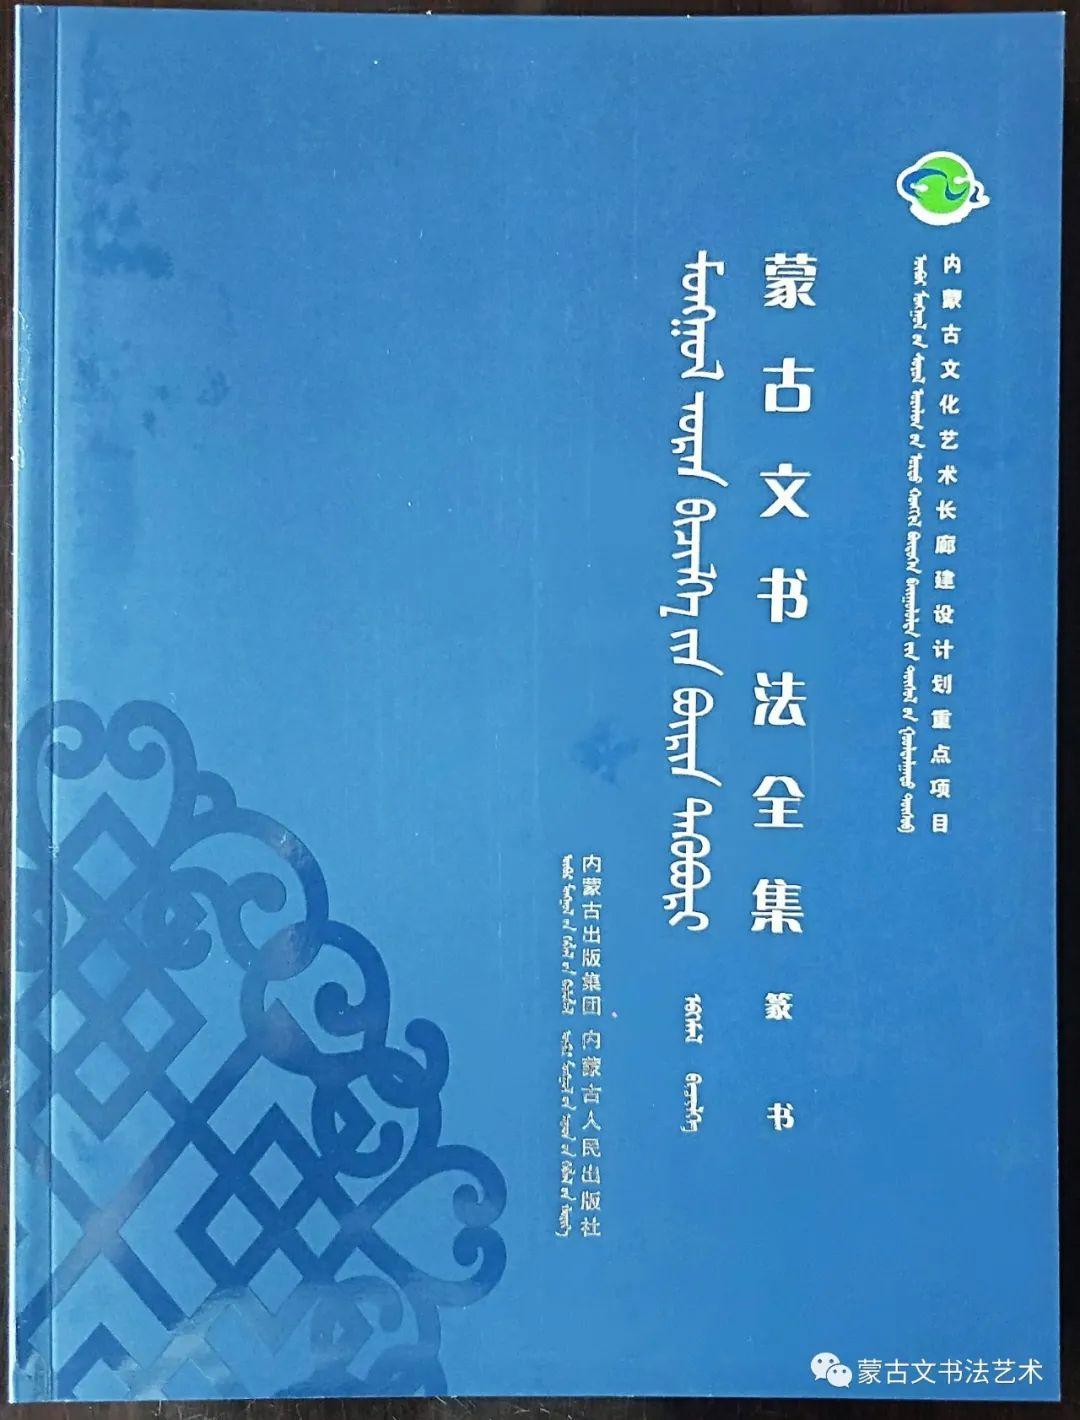 蒙古文书法全集 第31张 蒙古文书法全集 蒙古书法